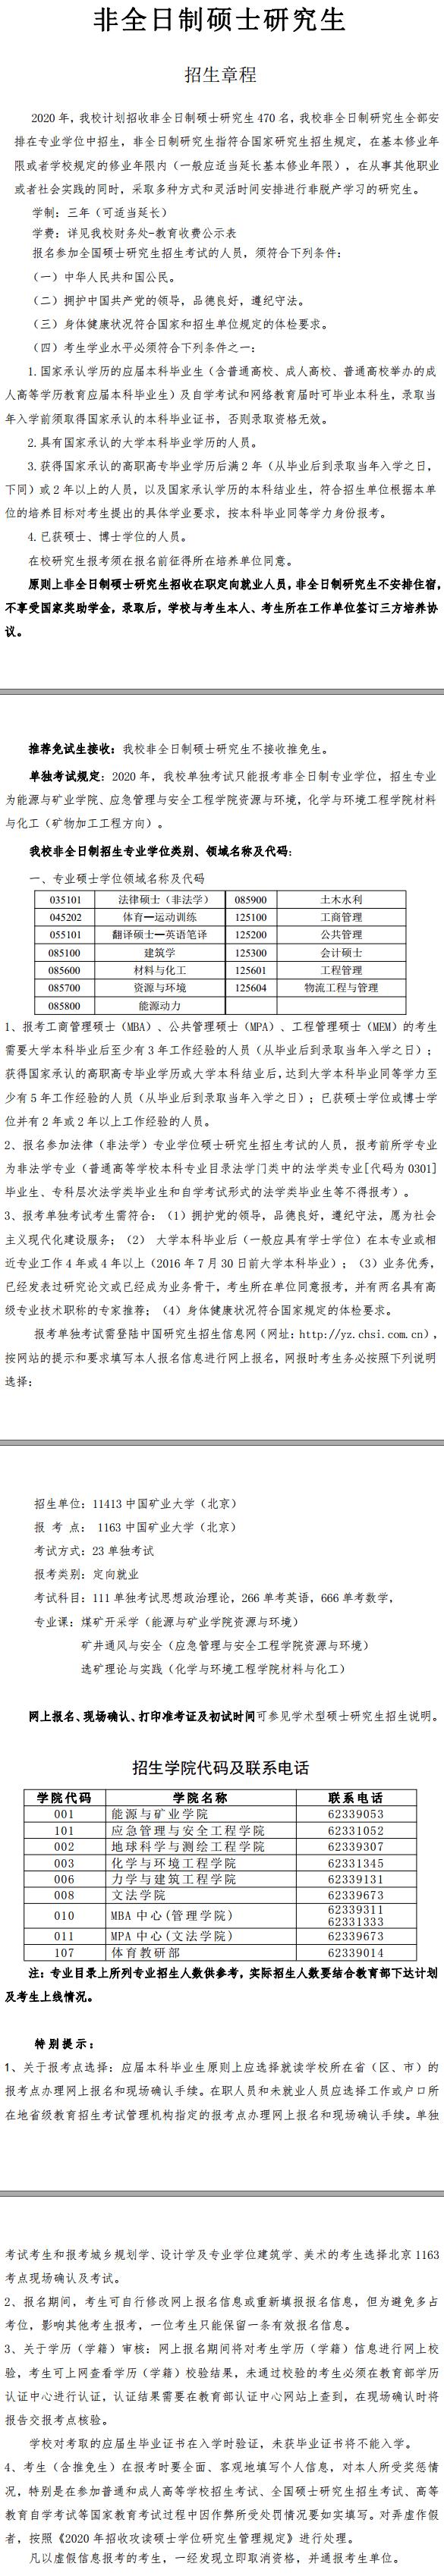 中国矿业大学(北京)2020考研招生简章